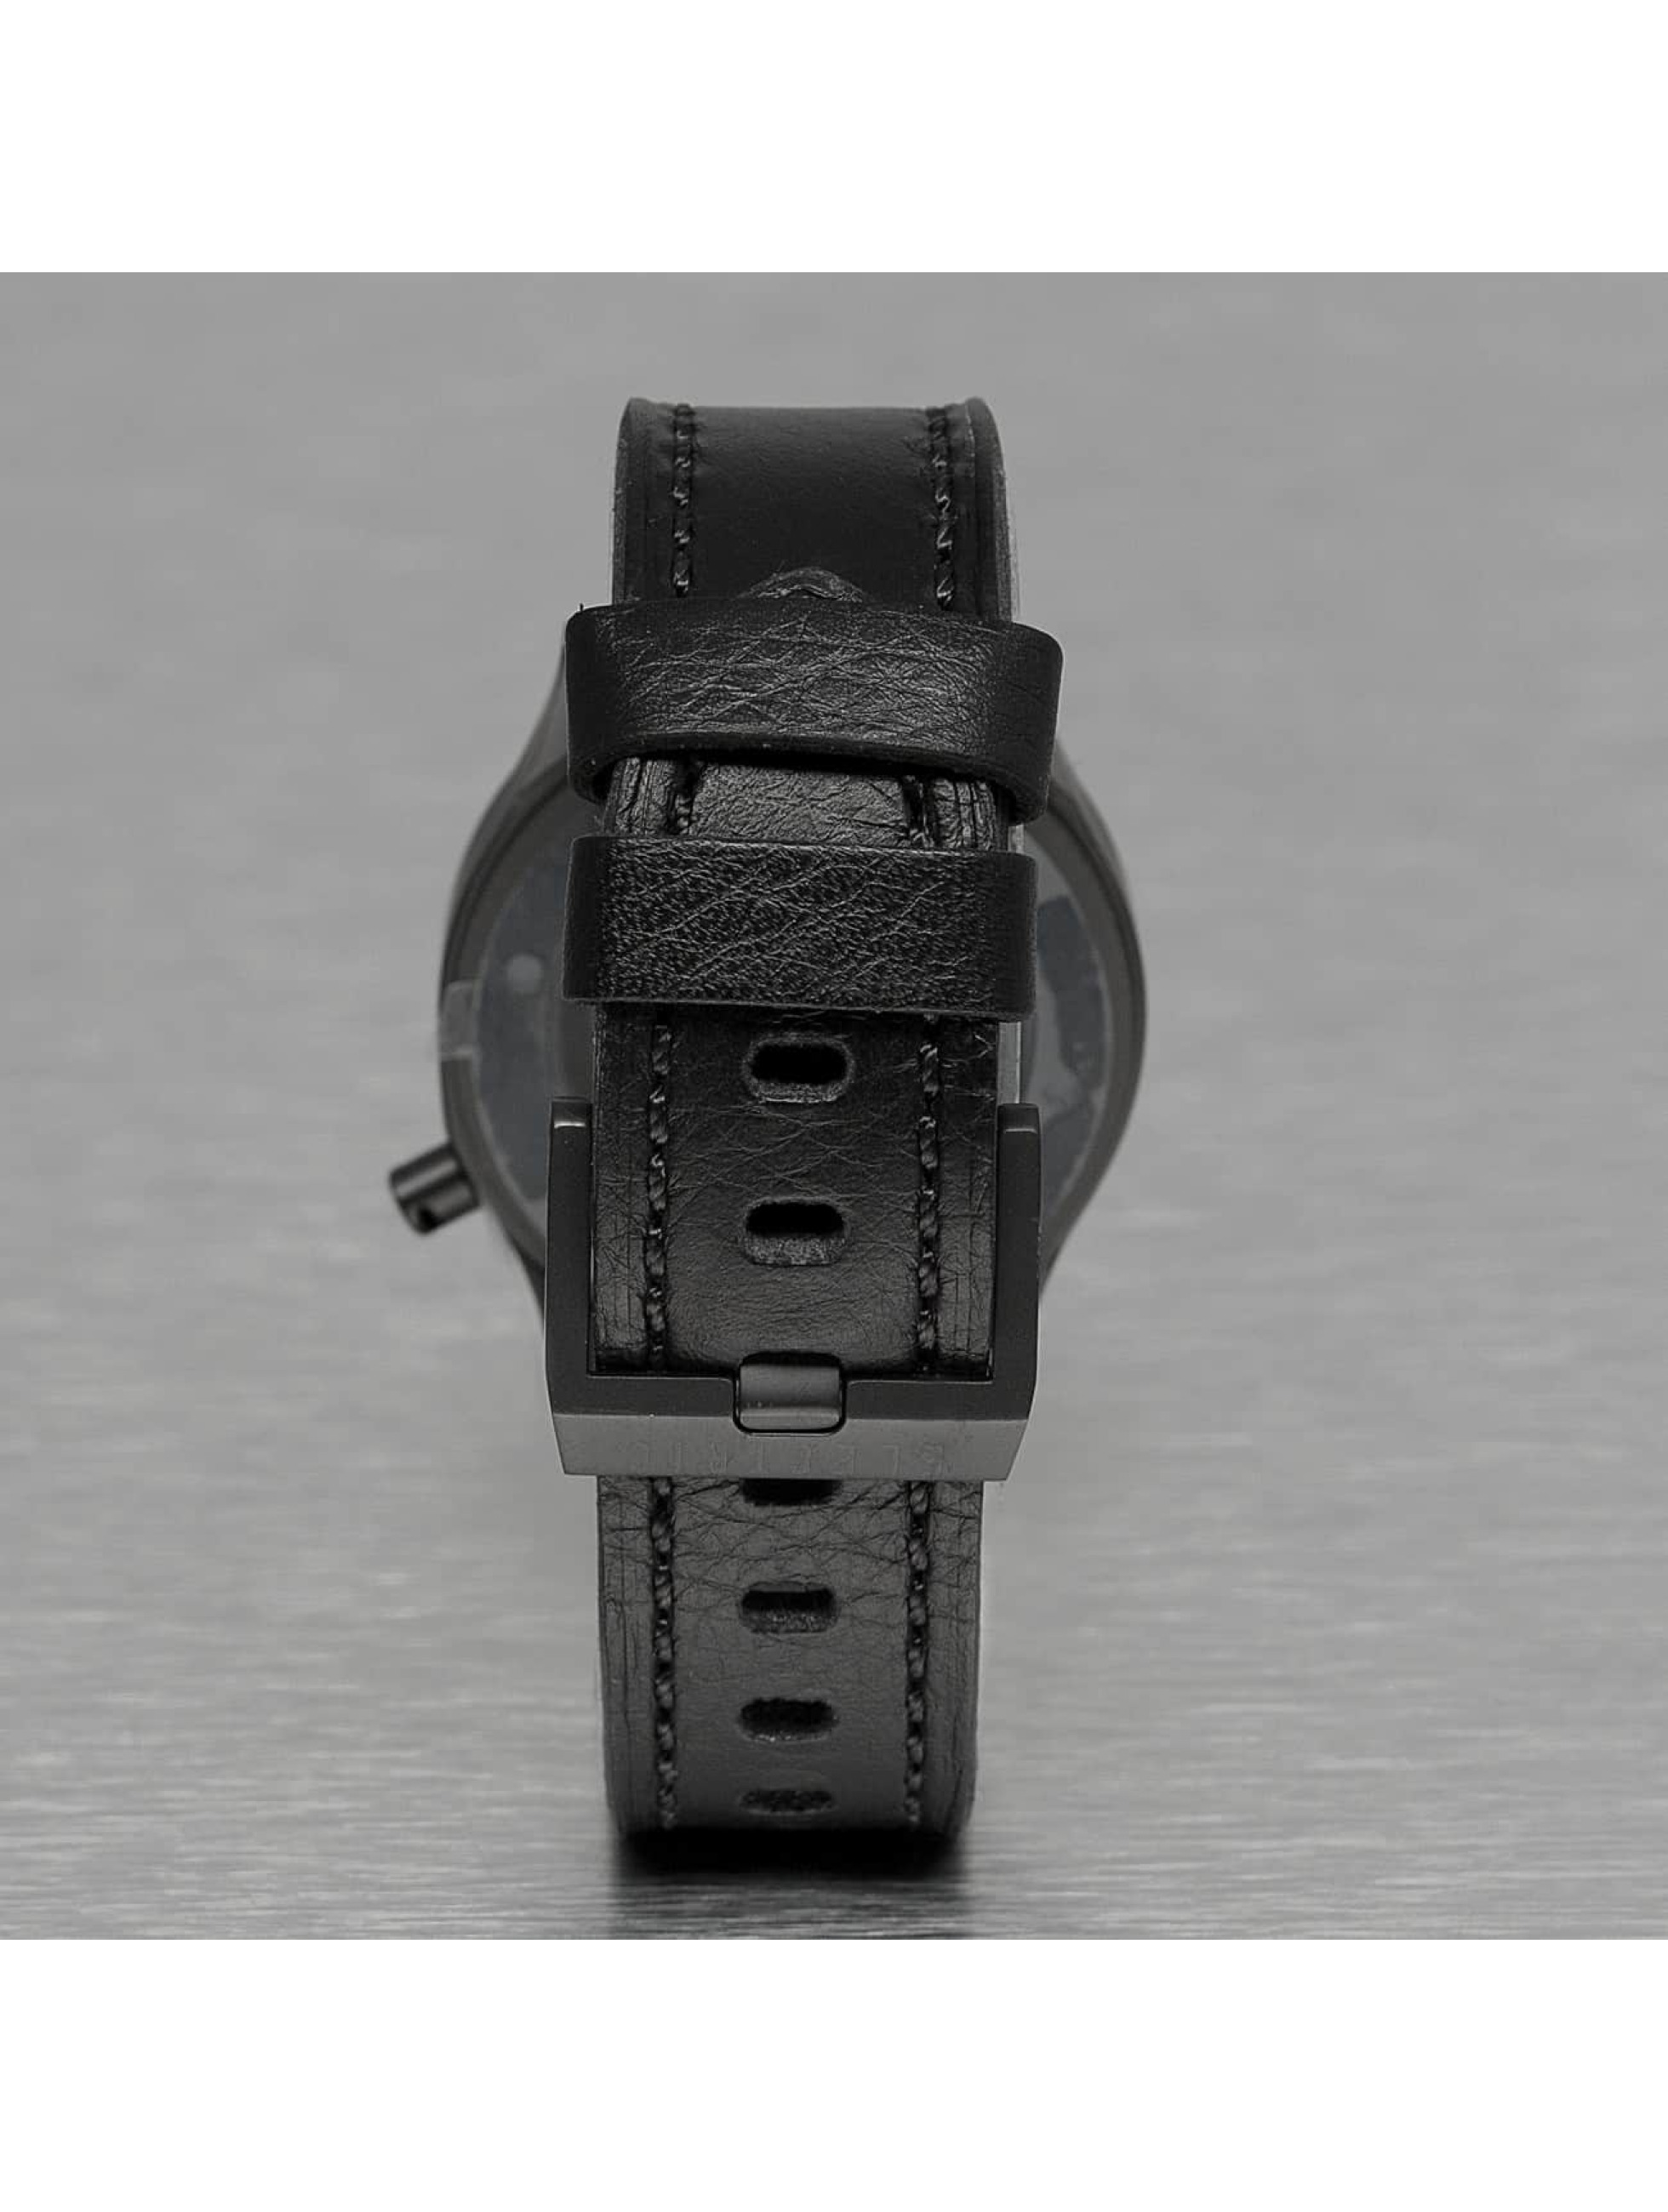 Electric Orologio FW03 Leather nero